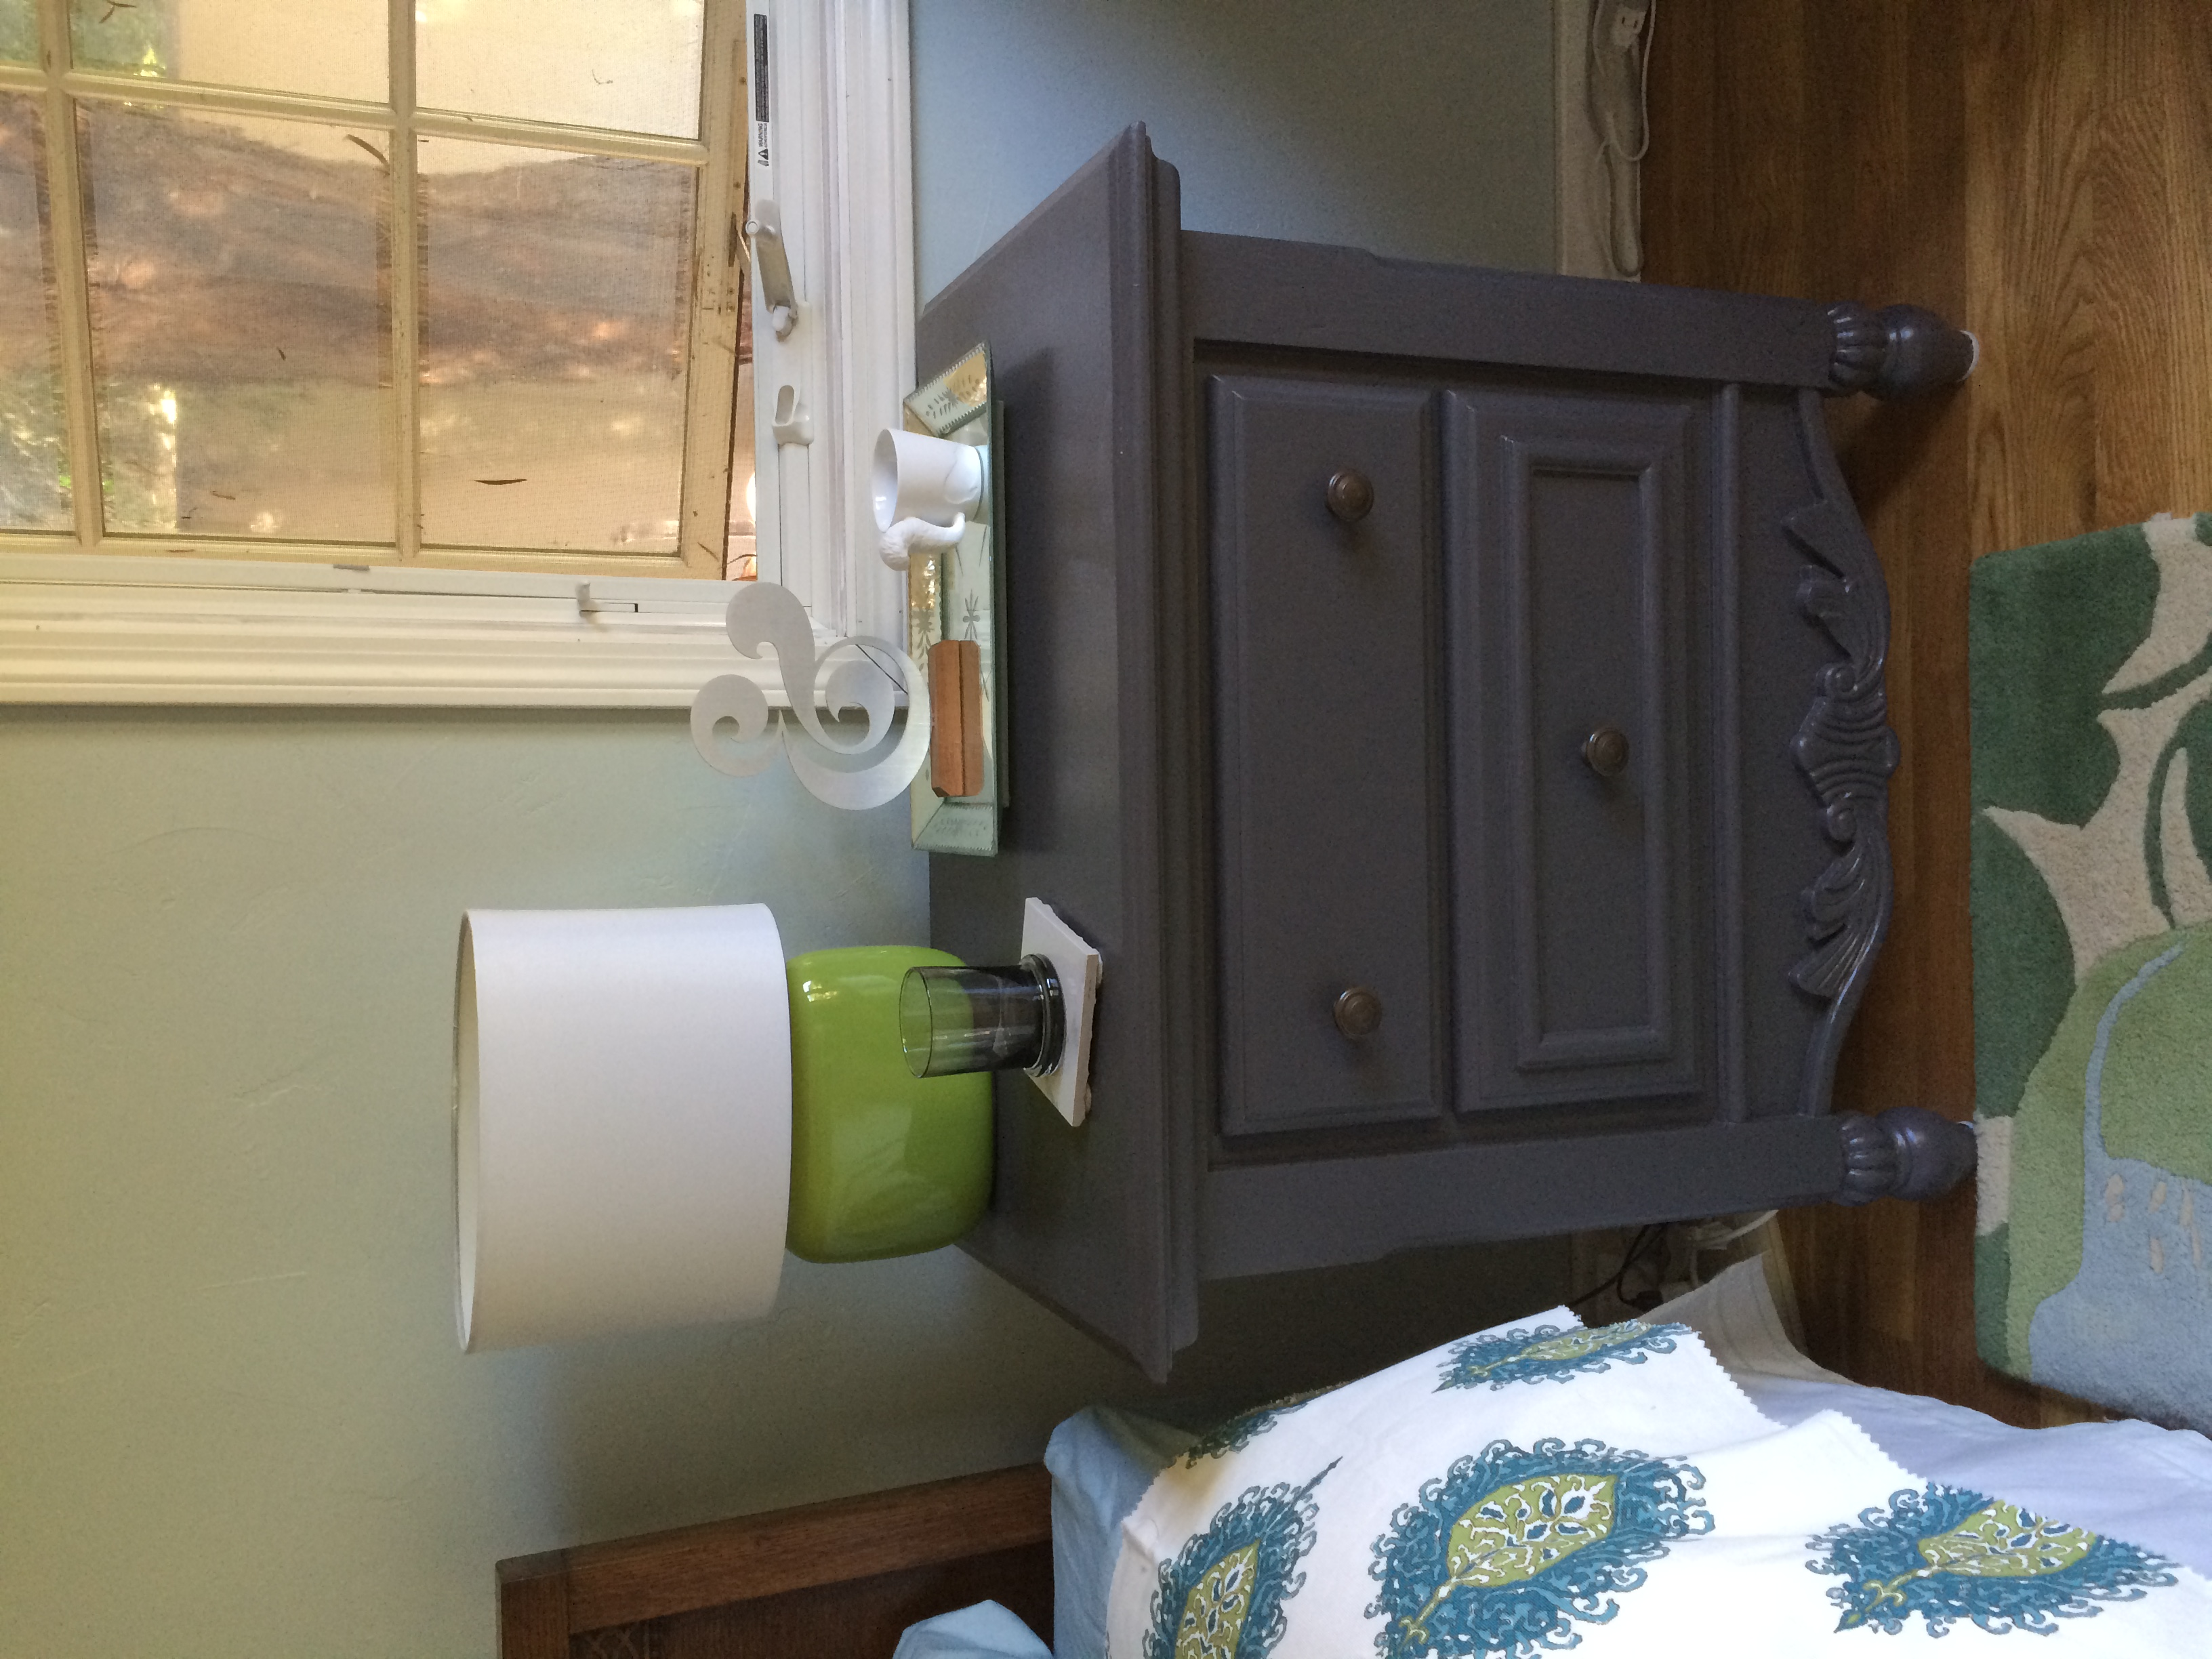 Bedside Cabinet - After